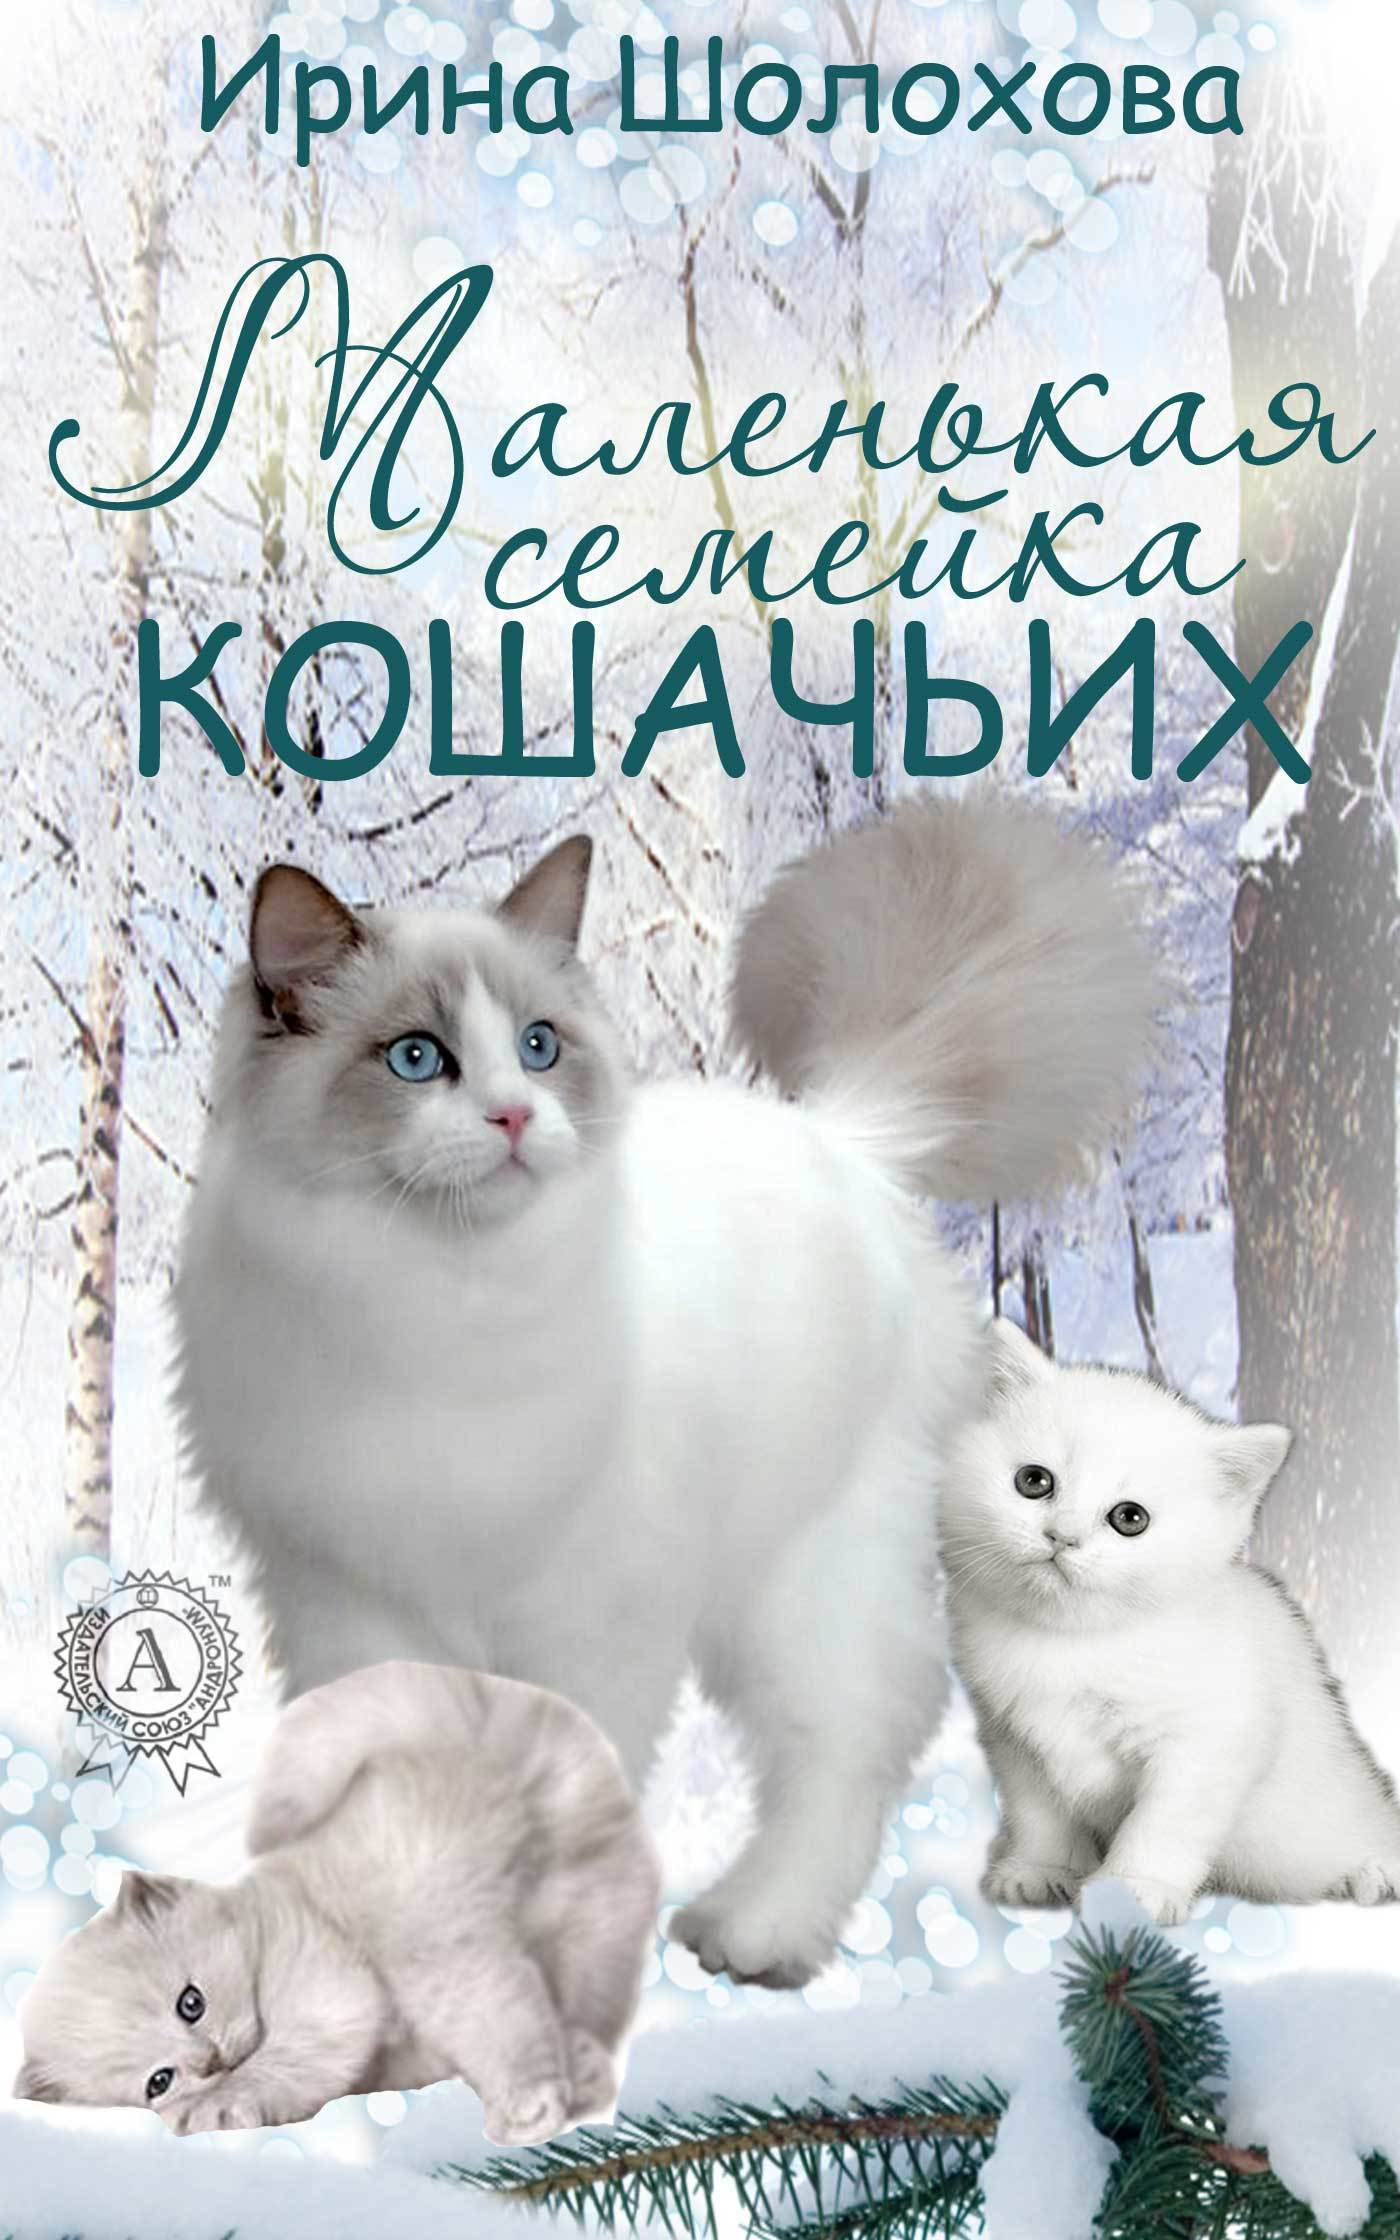 Маленькая семейка кошачьих развивается взволнованно и трагически